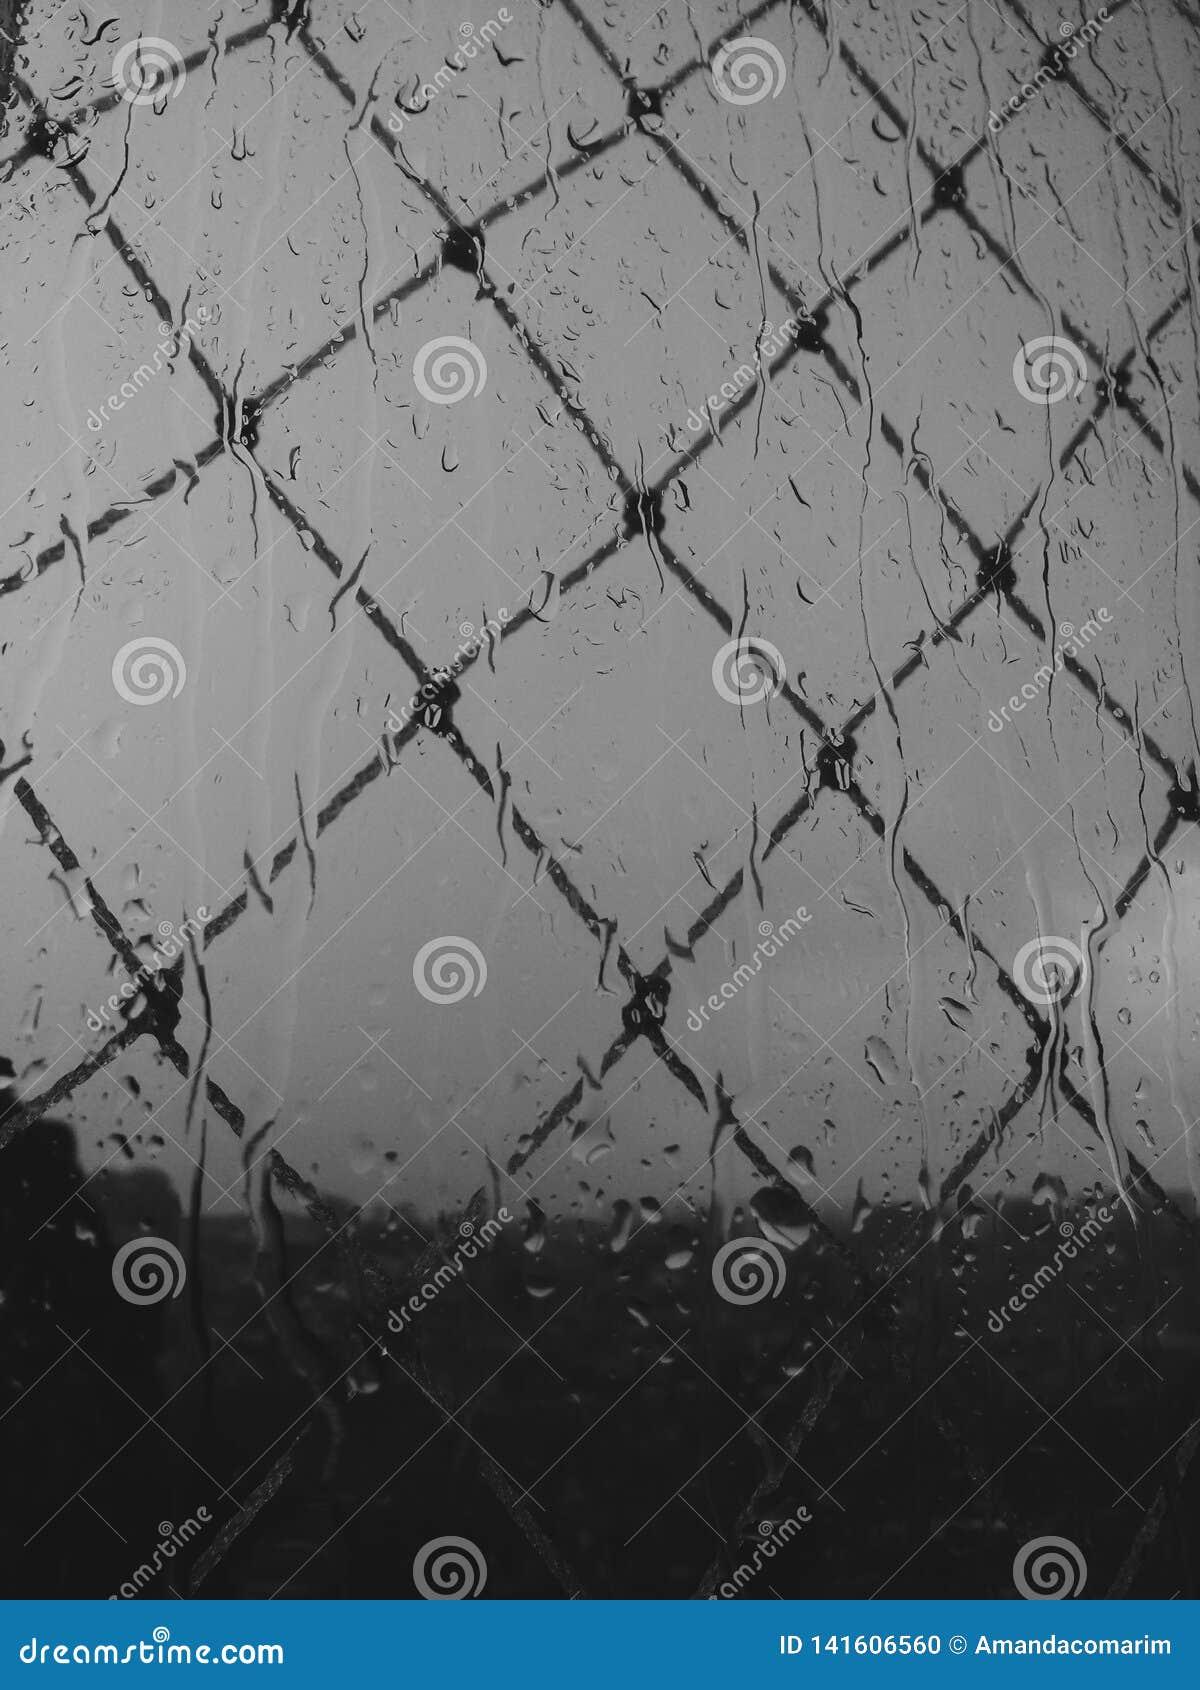 B-/Wphotographie eines regnerischen Tages